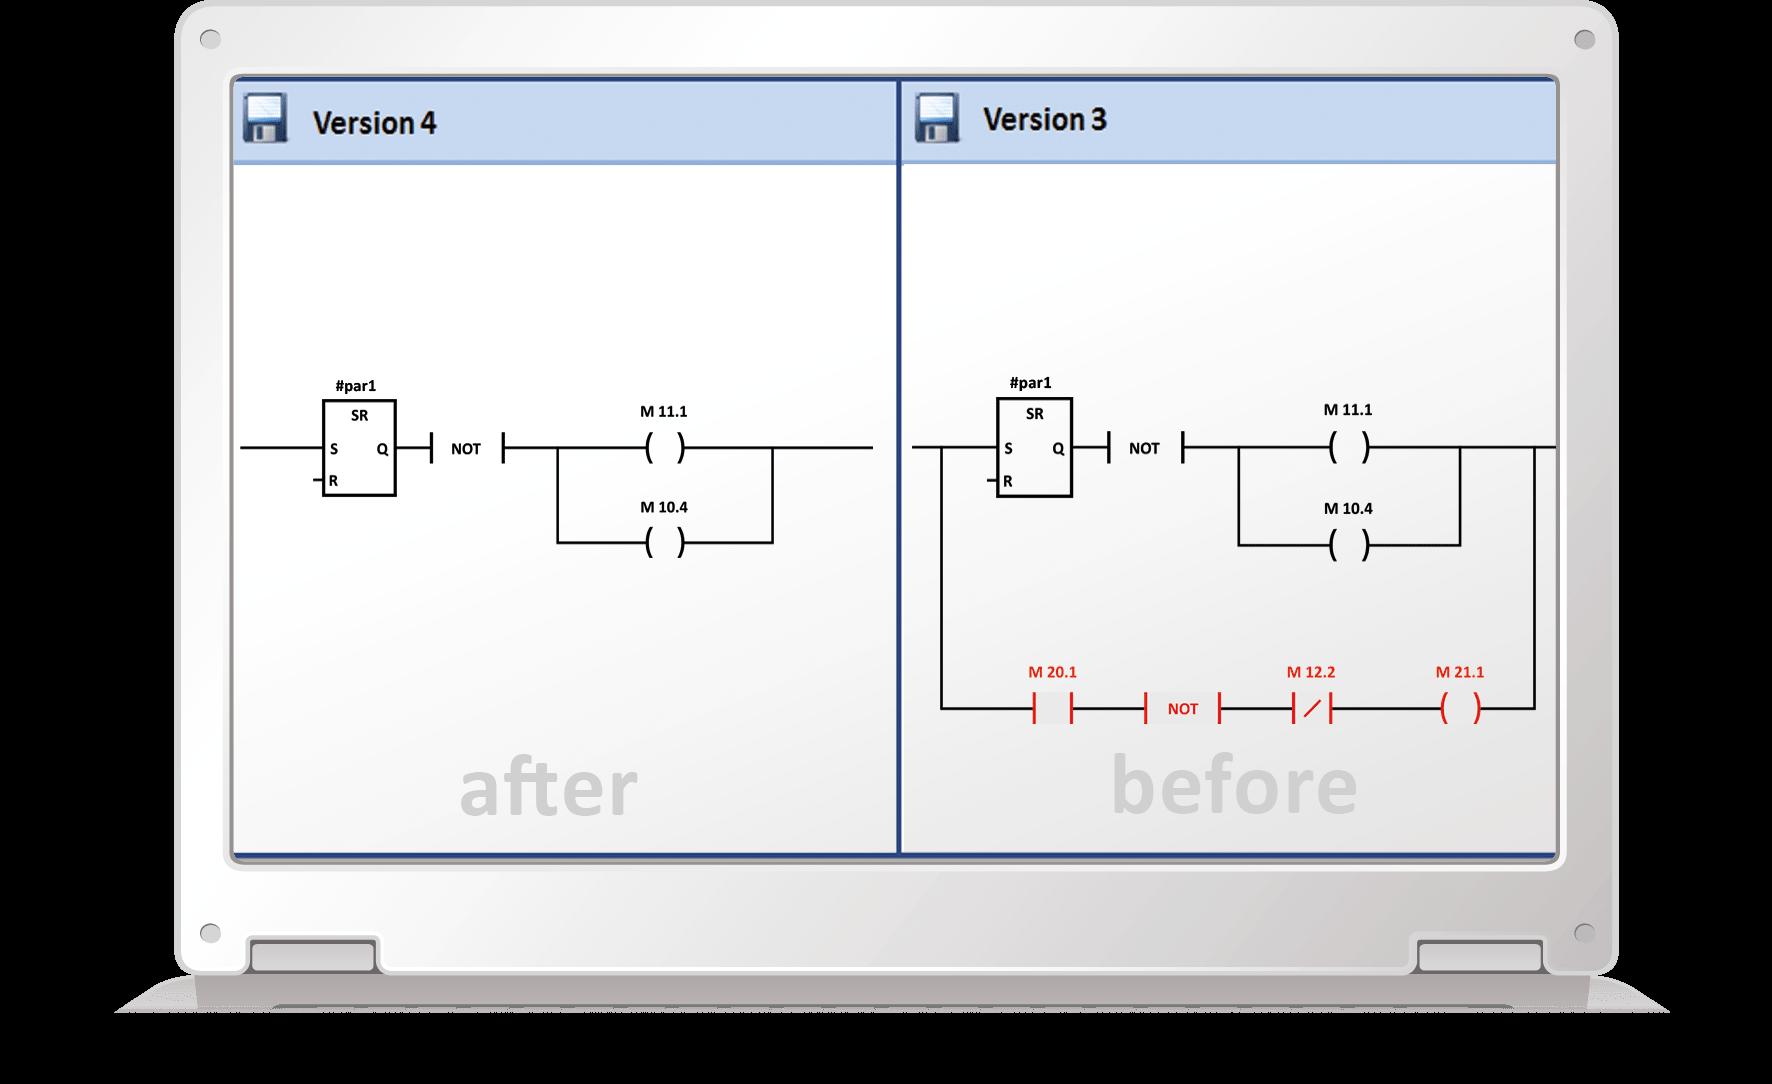 versiondog Smart Compare